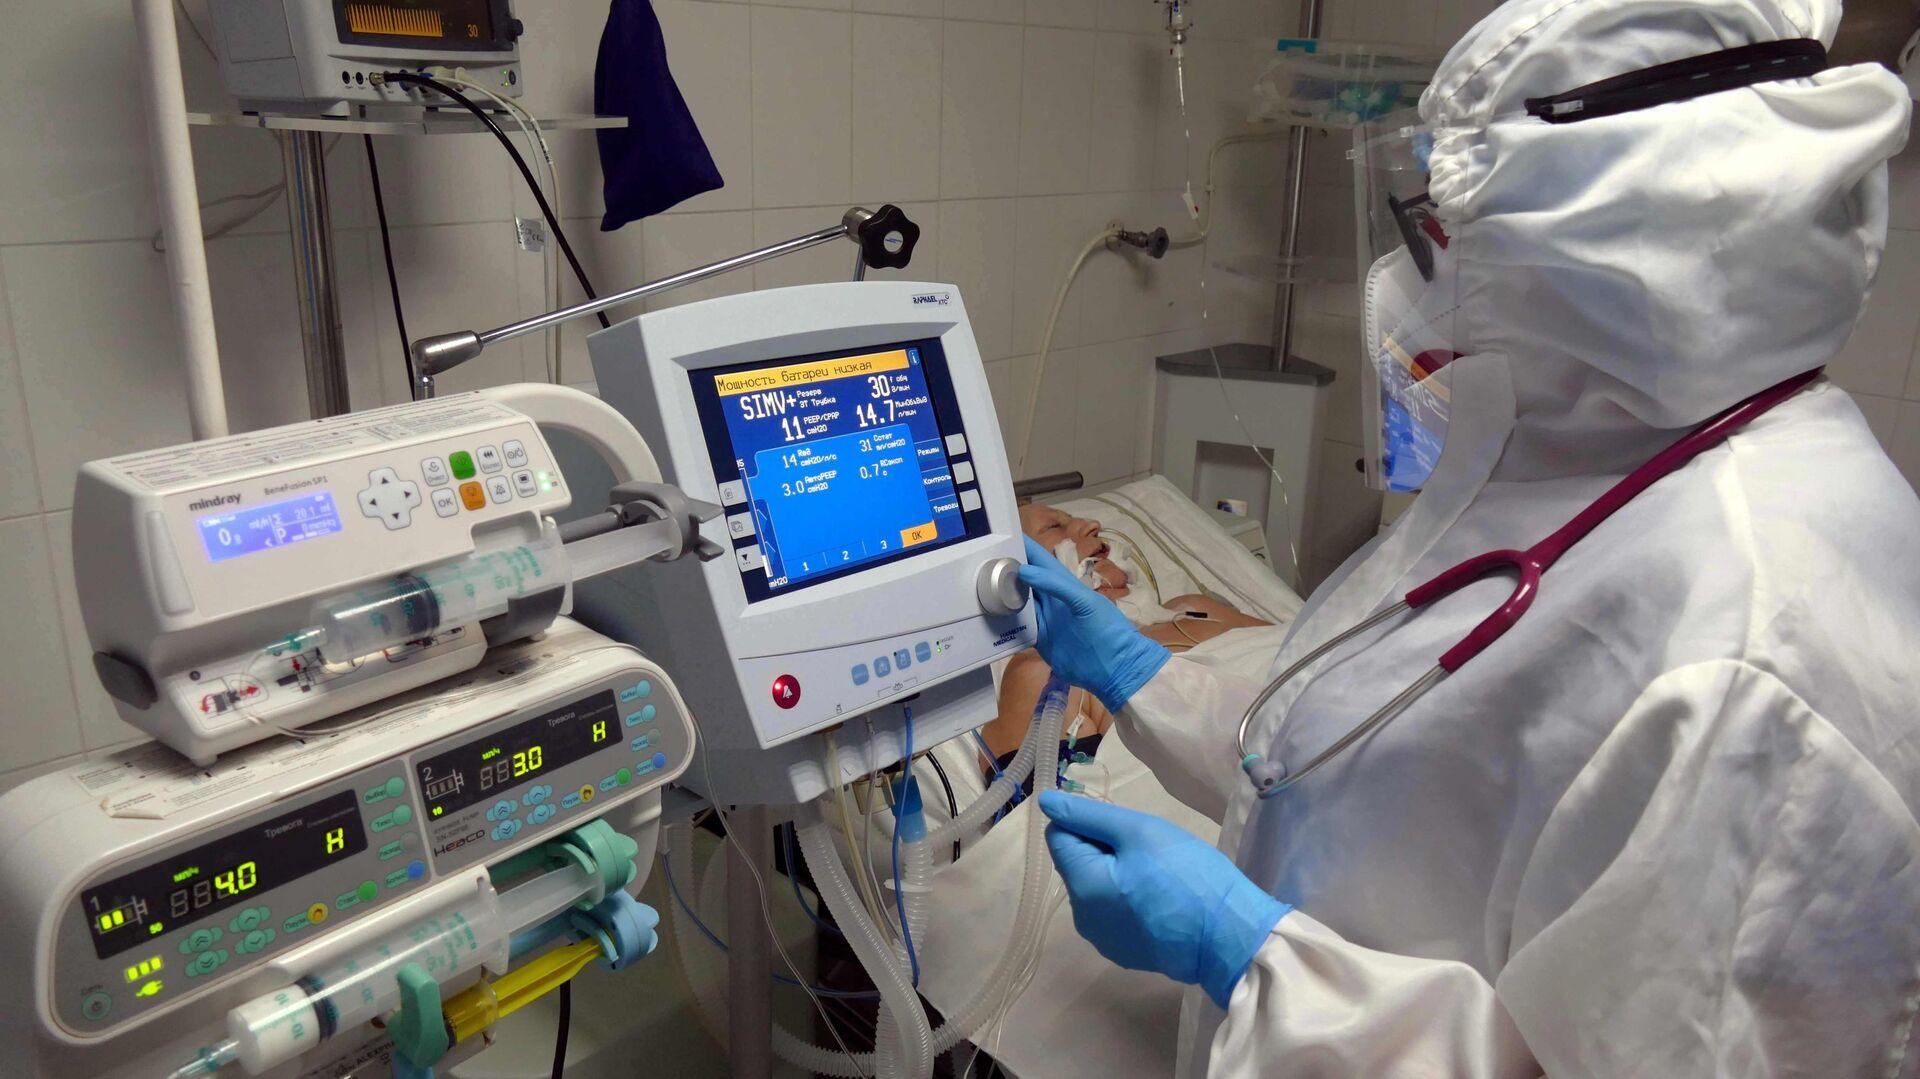 Медицинский работник и пациент в отделении анестезиологии и интенсивной терапии в клинической больнице, где оказывают медицинскую помощь больным с COVID-19. - Sputnik Латвия, 1920, 08.09.2021